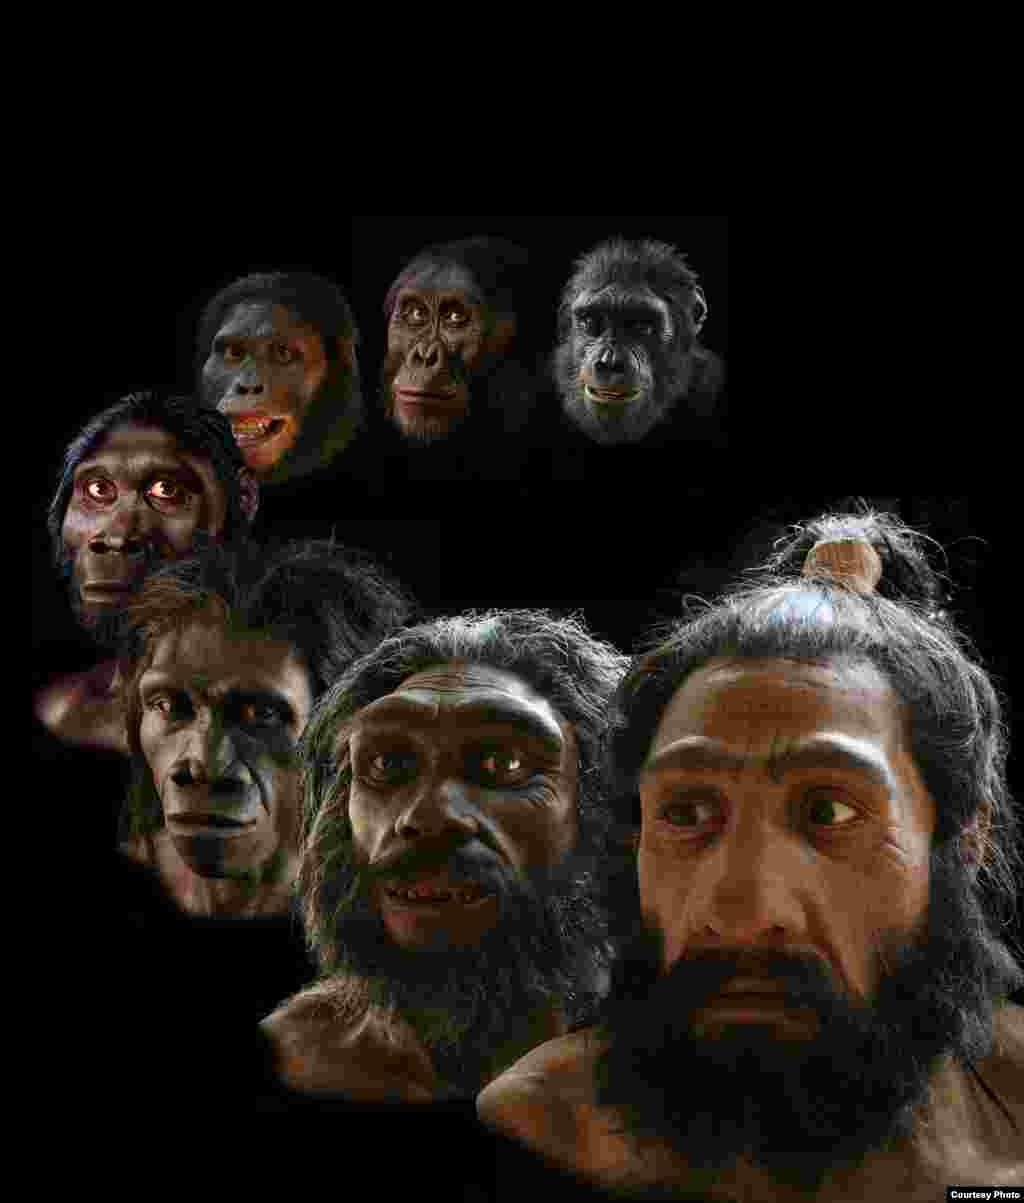 """Rekonstruksi yang dilakukan seniman John Gurche mencakup lebih dari periode enam juta tahun evolusi manusia. (John Gurche, """"Shaping Humanity"""")"""